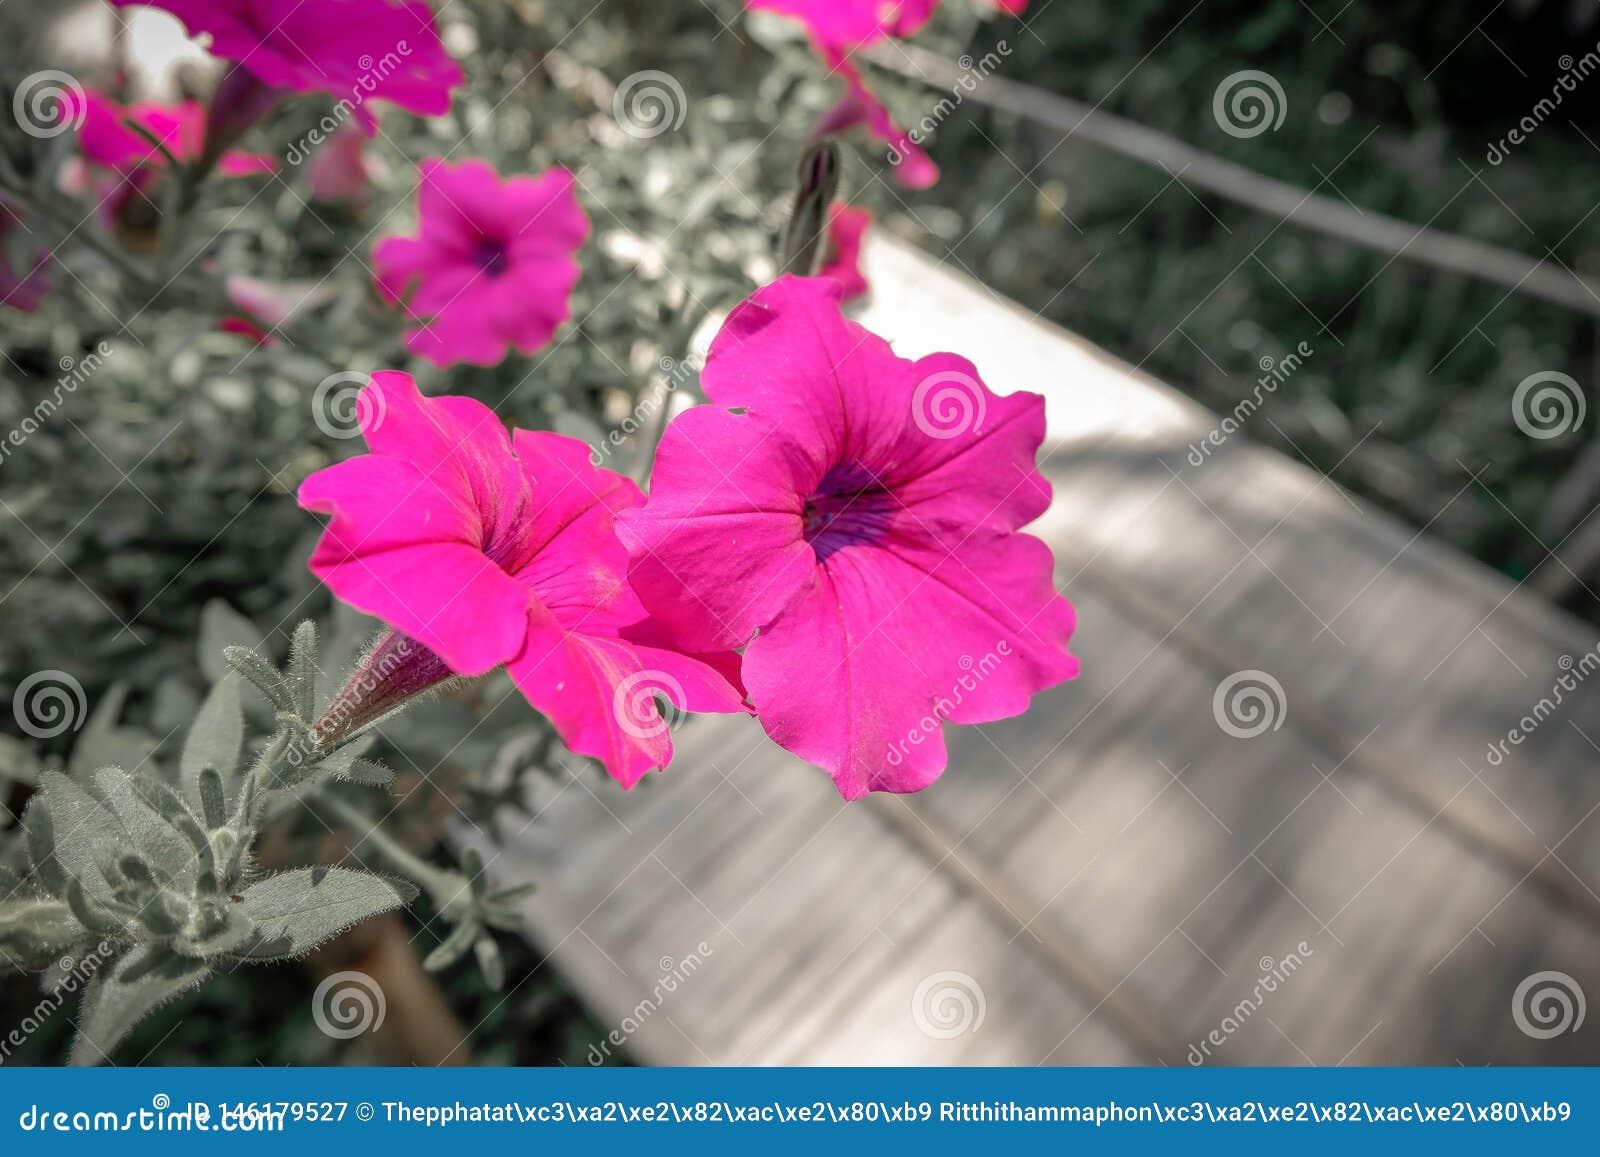 Rosa roxo da flor nas mem?rias